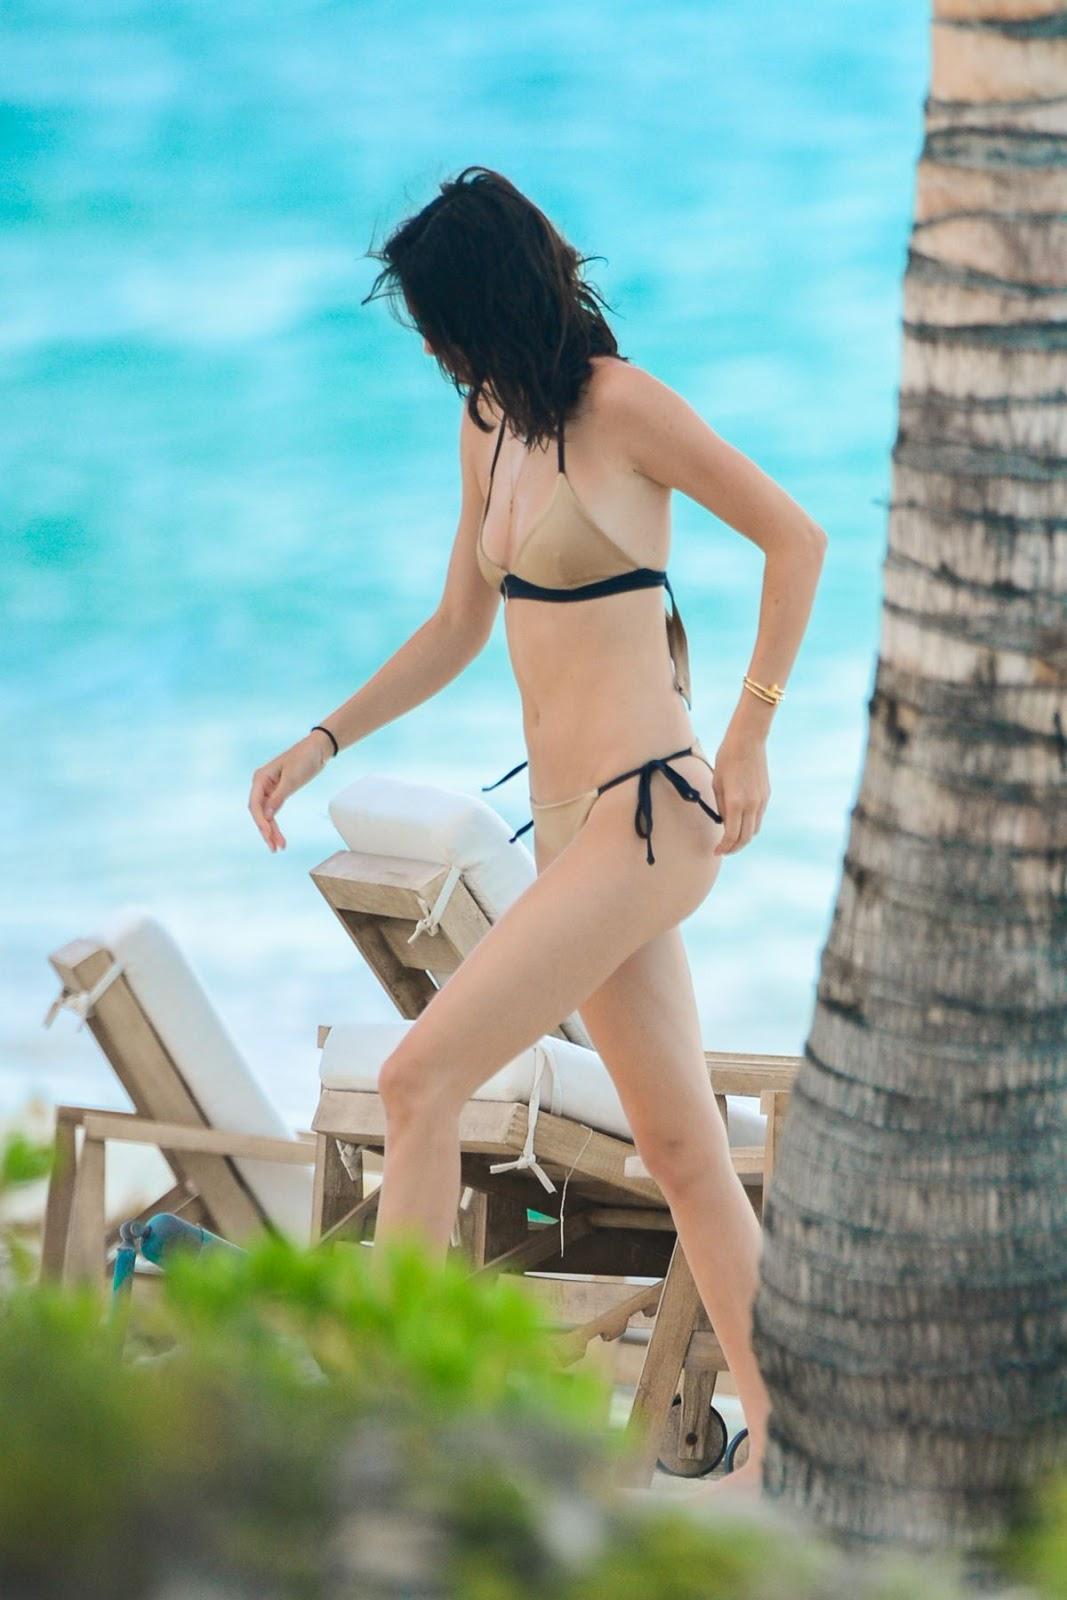 Image Result For Atria Loni Seksi Bikini Model Hot Indonesia